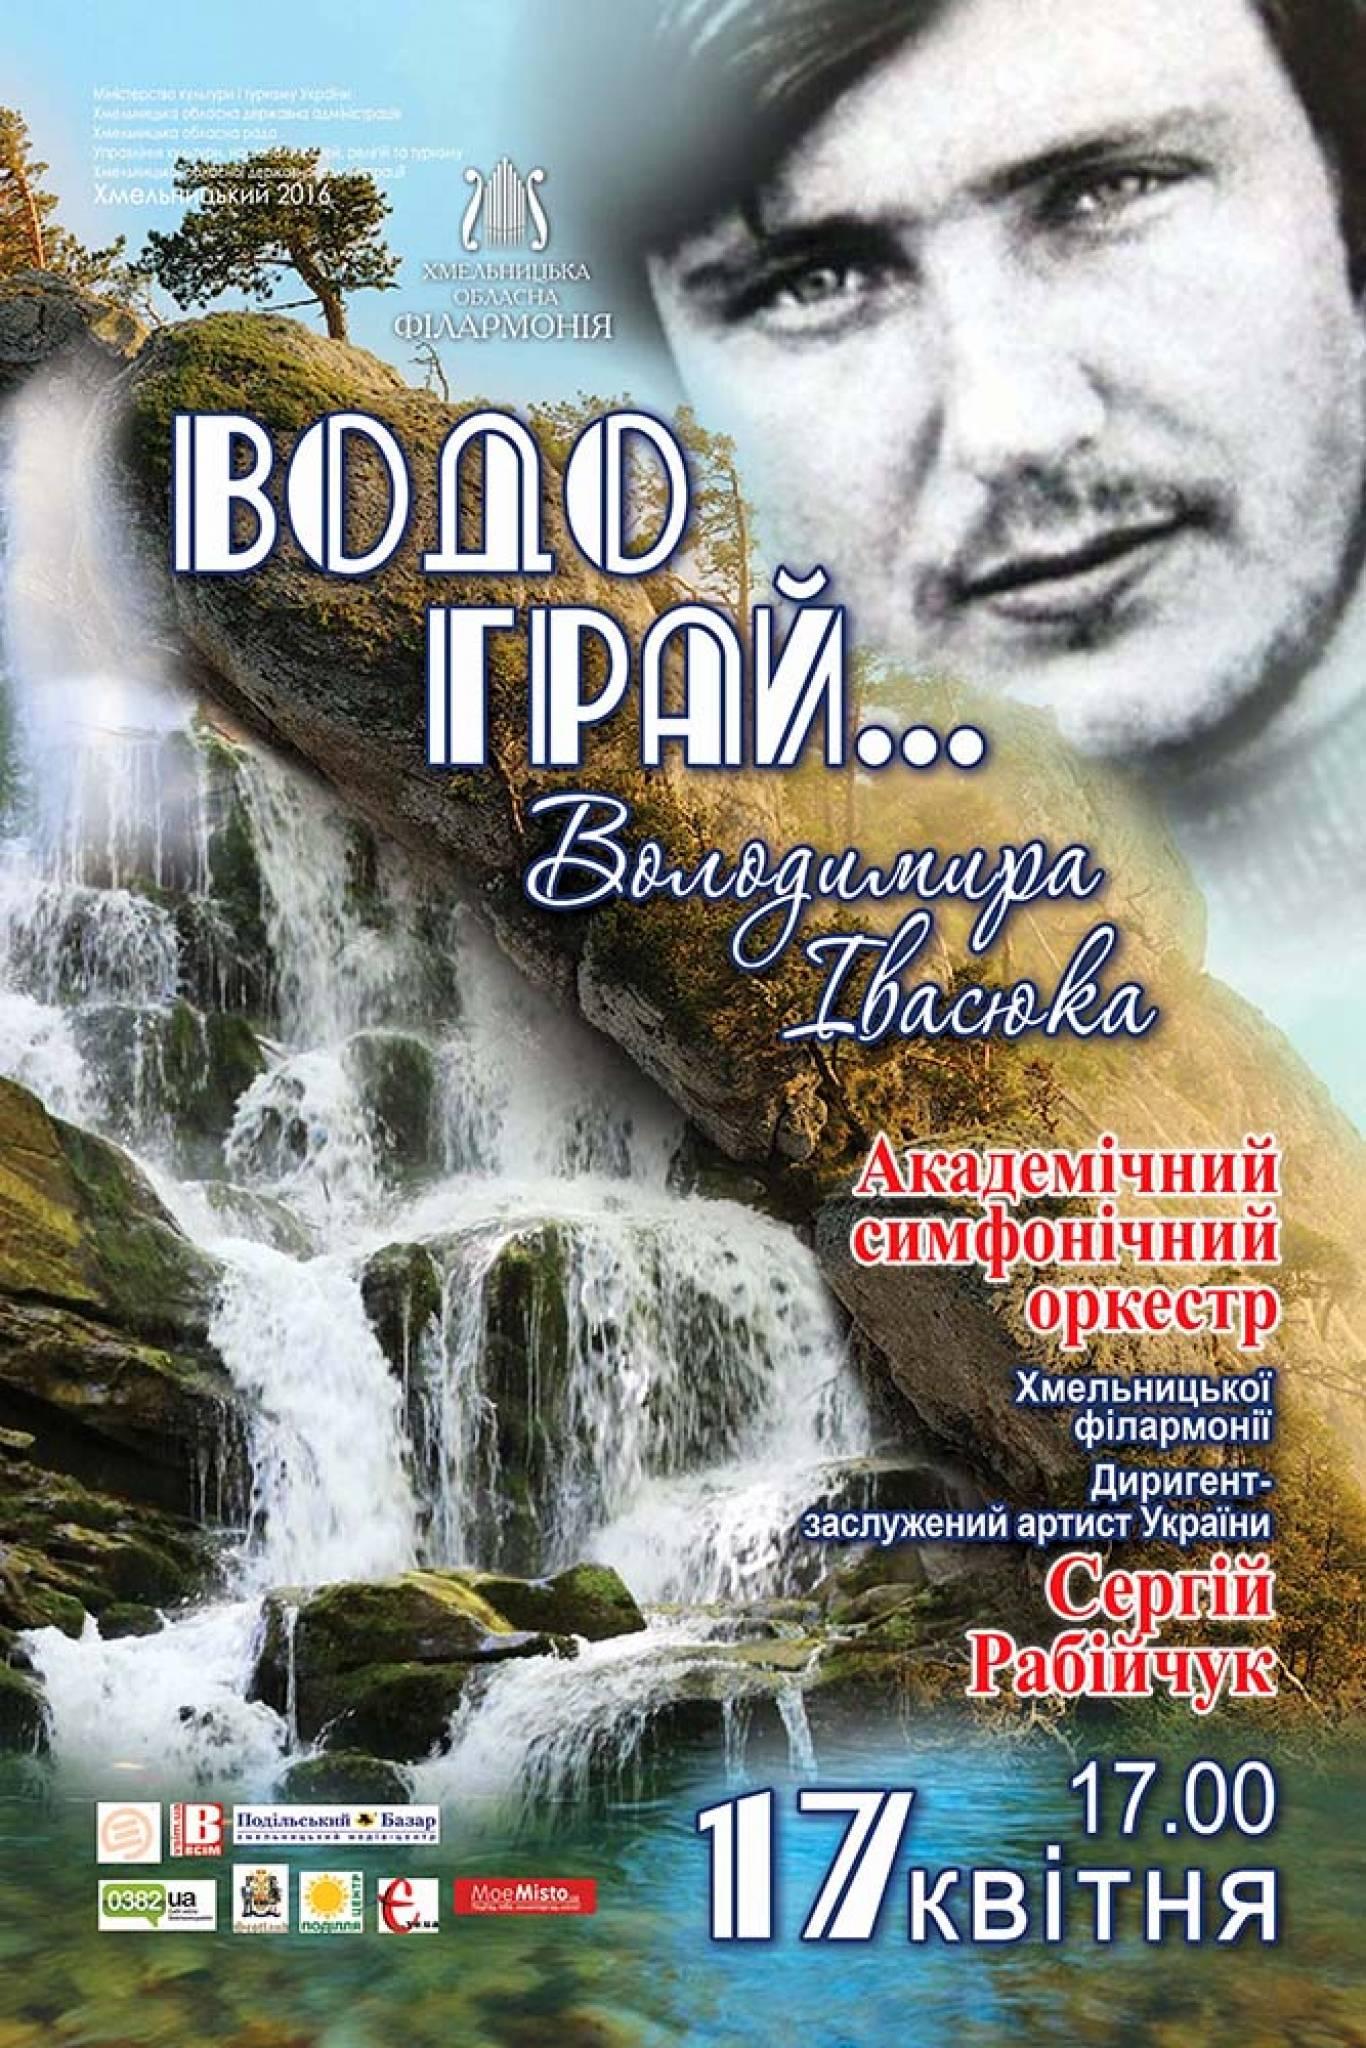 """Концерт """"Водограй... Володимира Івасюка"""""""